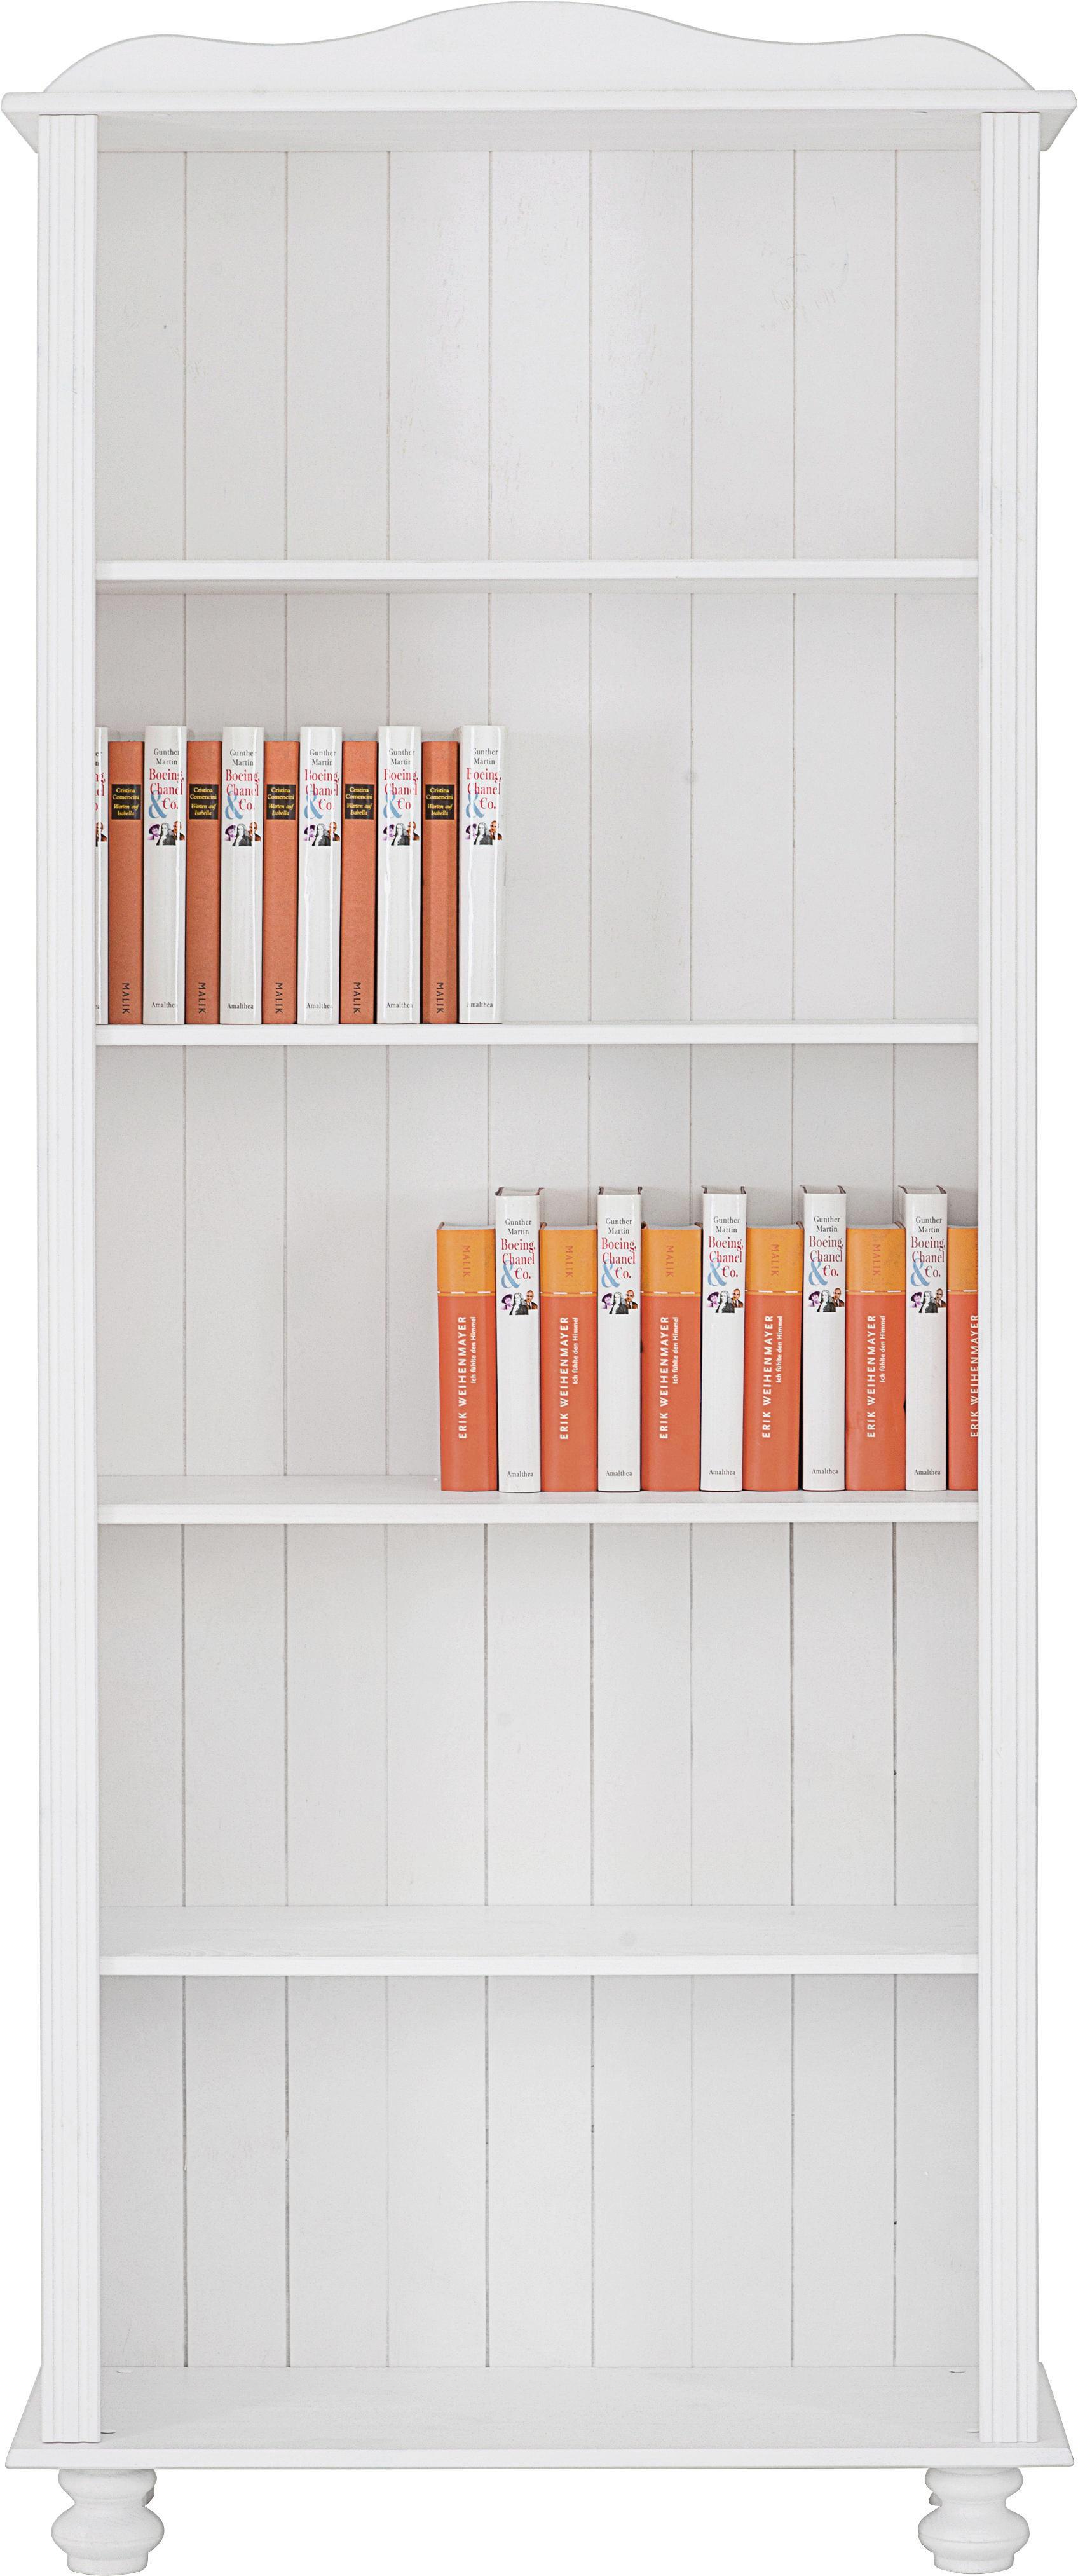 REGÁL - bílá, Lifestyle, dřevo (77/180/30cm) - LANDSCAPE